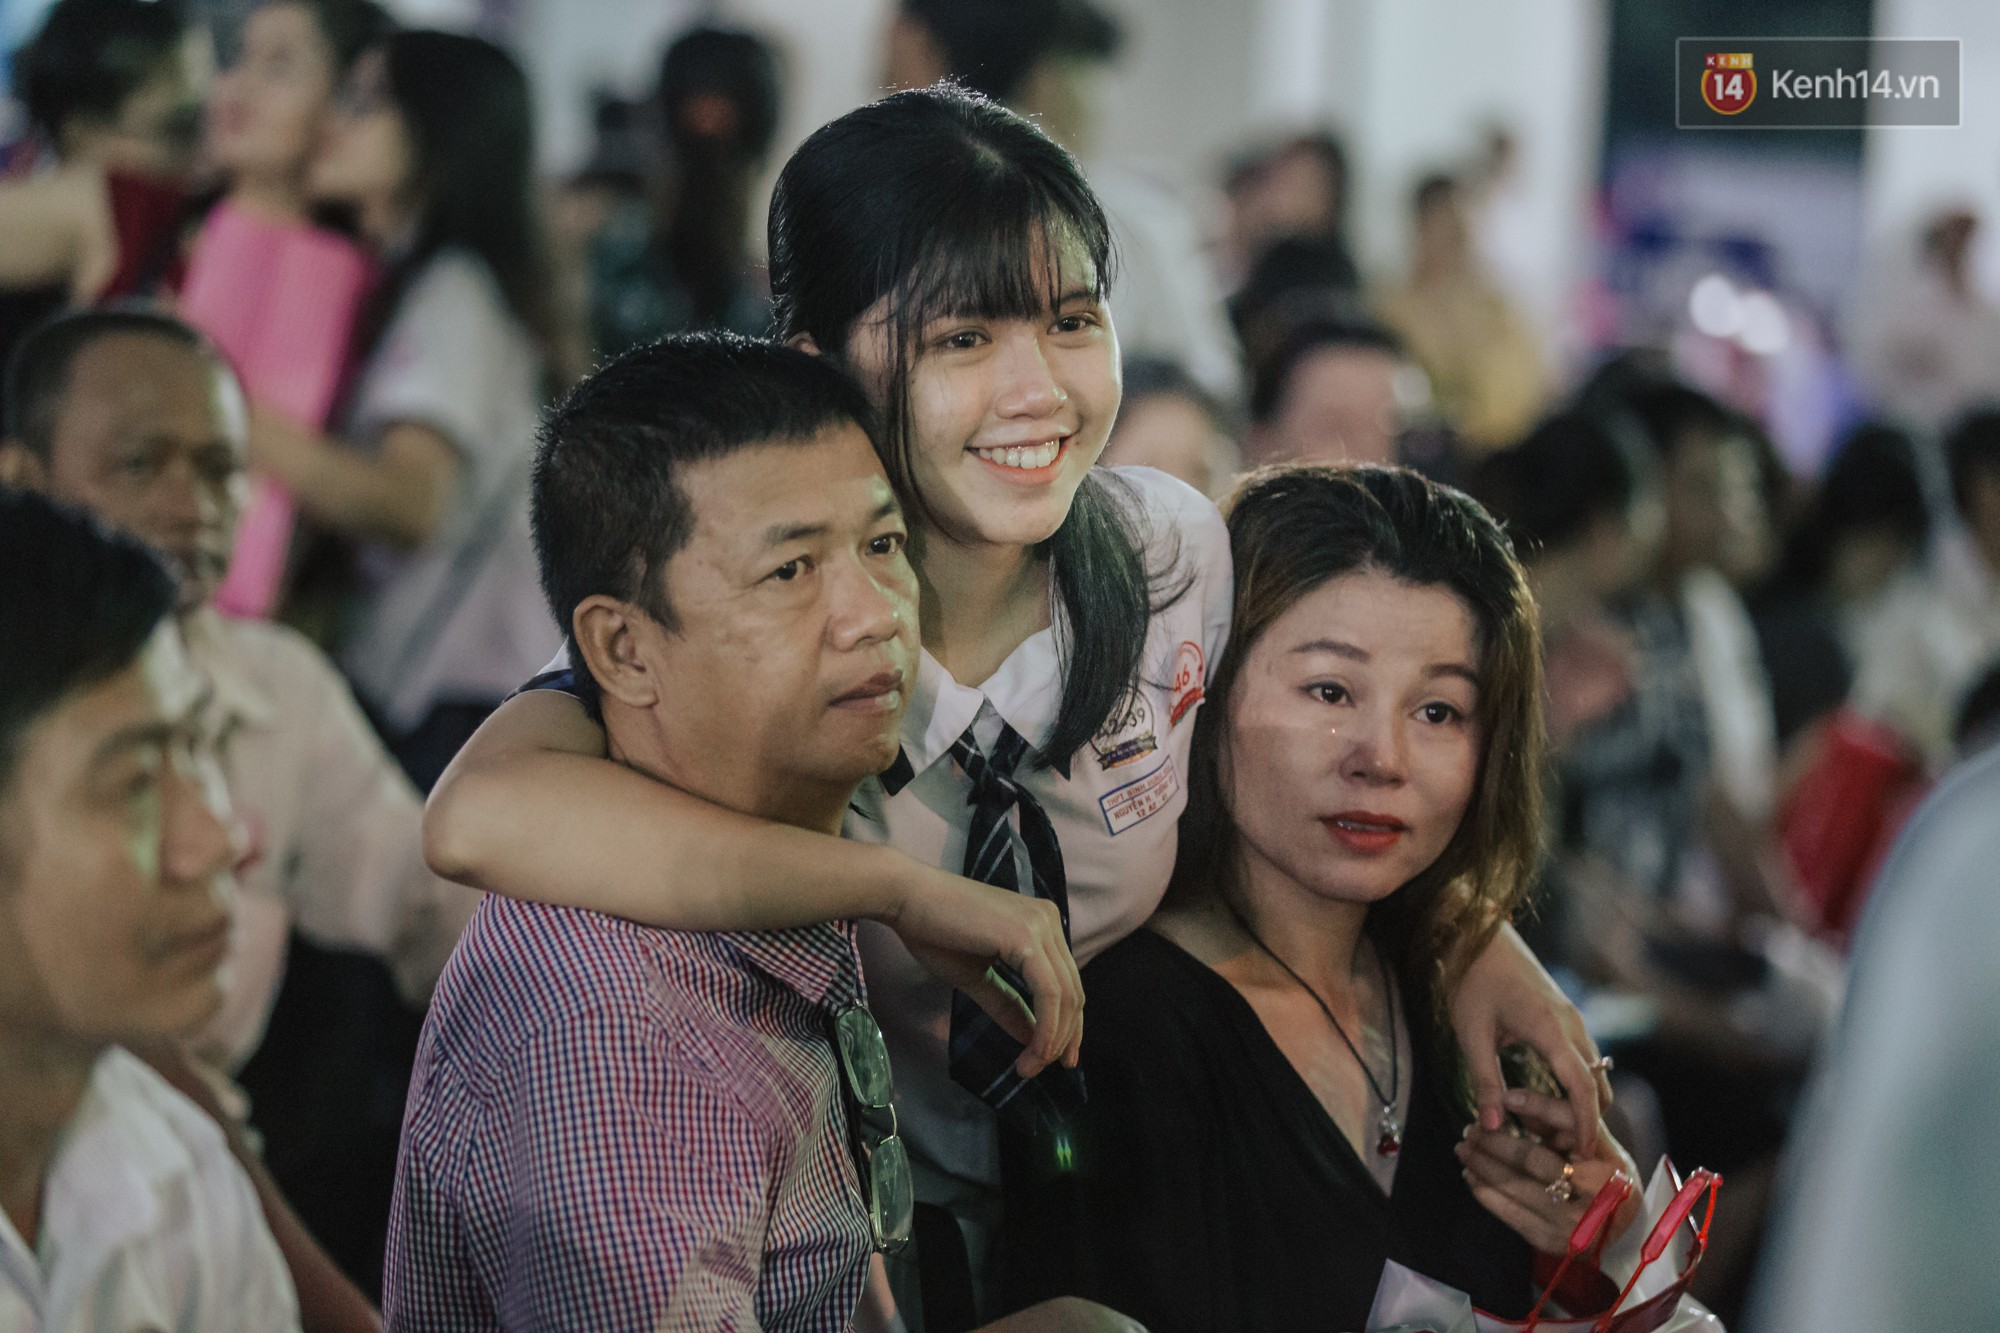 Nữ sinh hot nhất MXH Võ Ngọc Trân cùng bạn bè đội mưa tri ân thầy cô và cha mẹ - Ảnh 3.